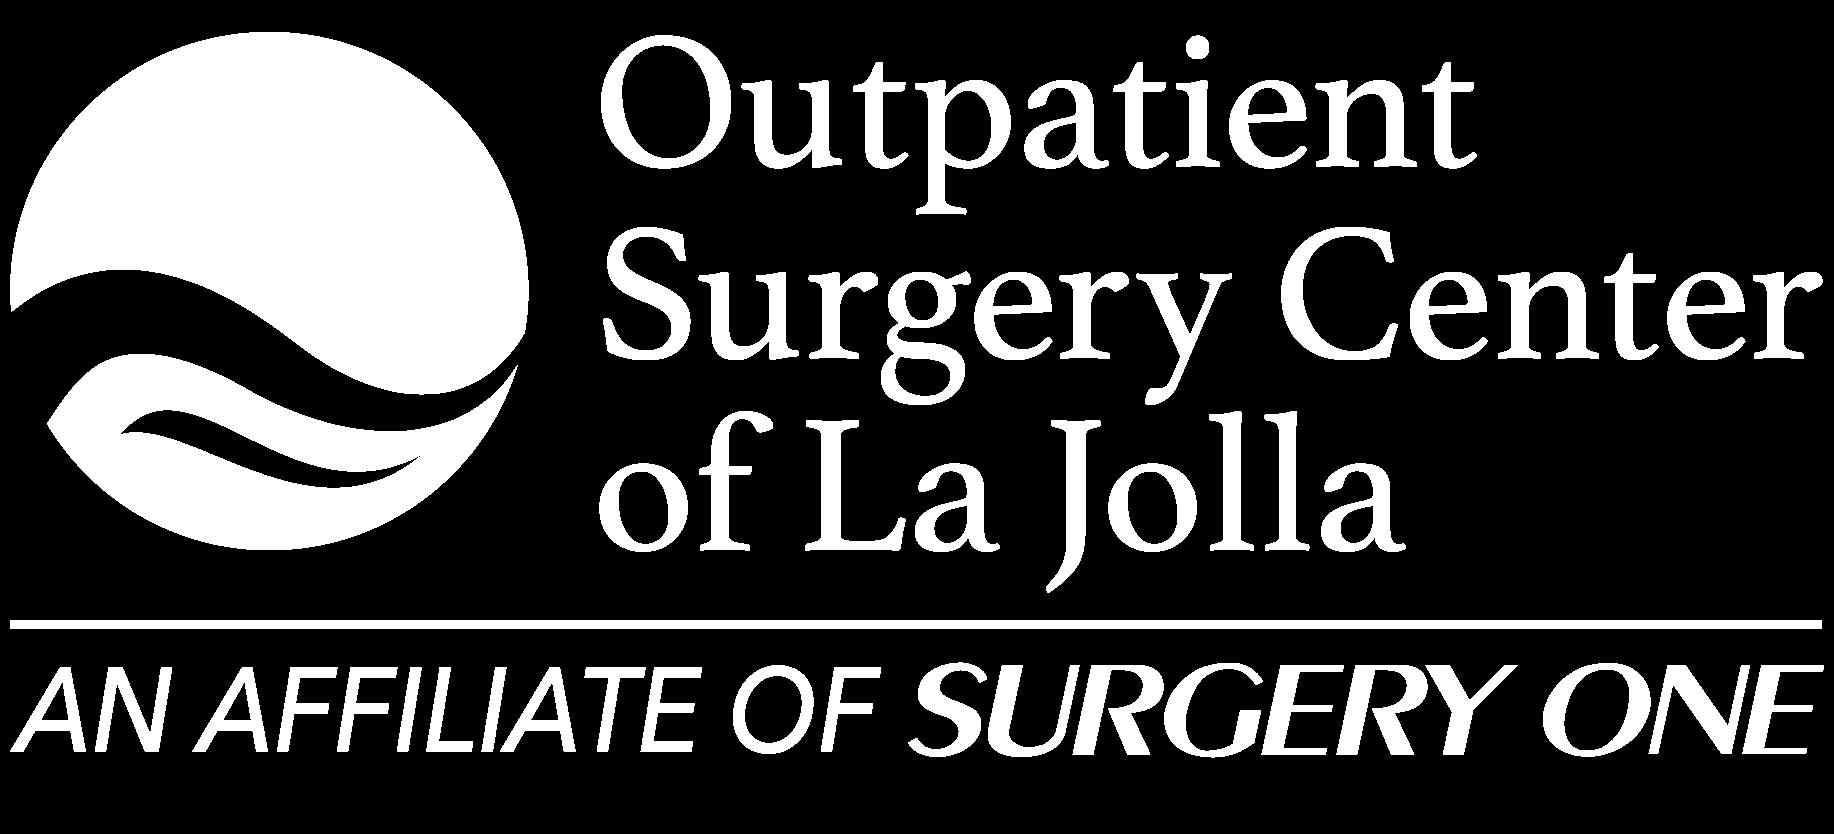 Outpatient Surgery Center of La Jolla logo white transparent